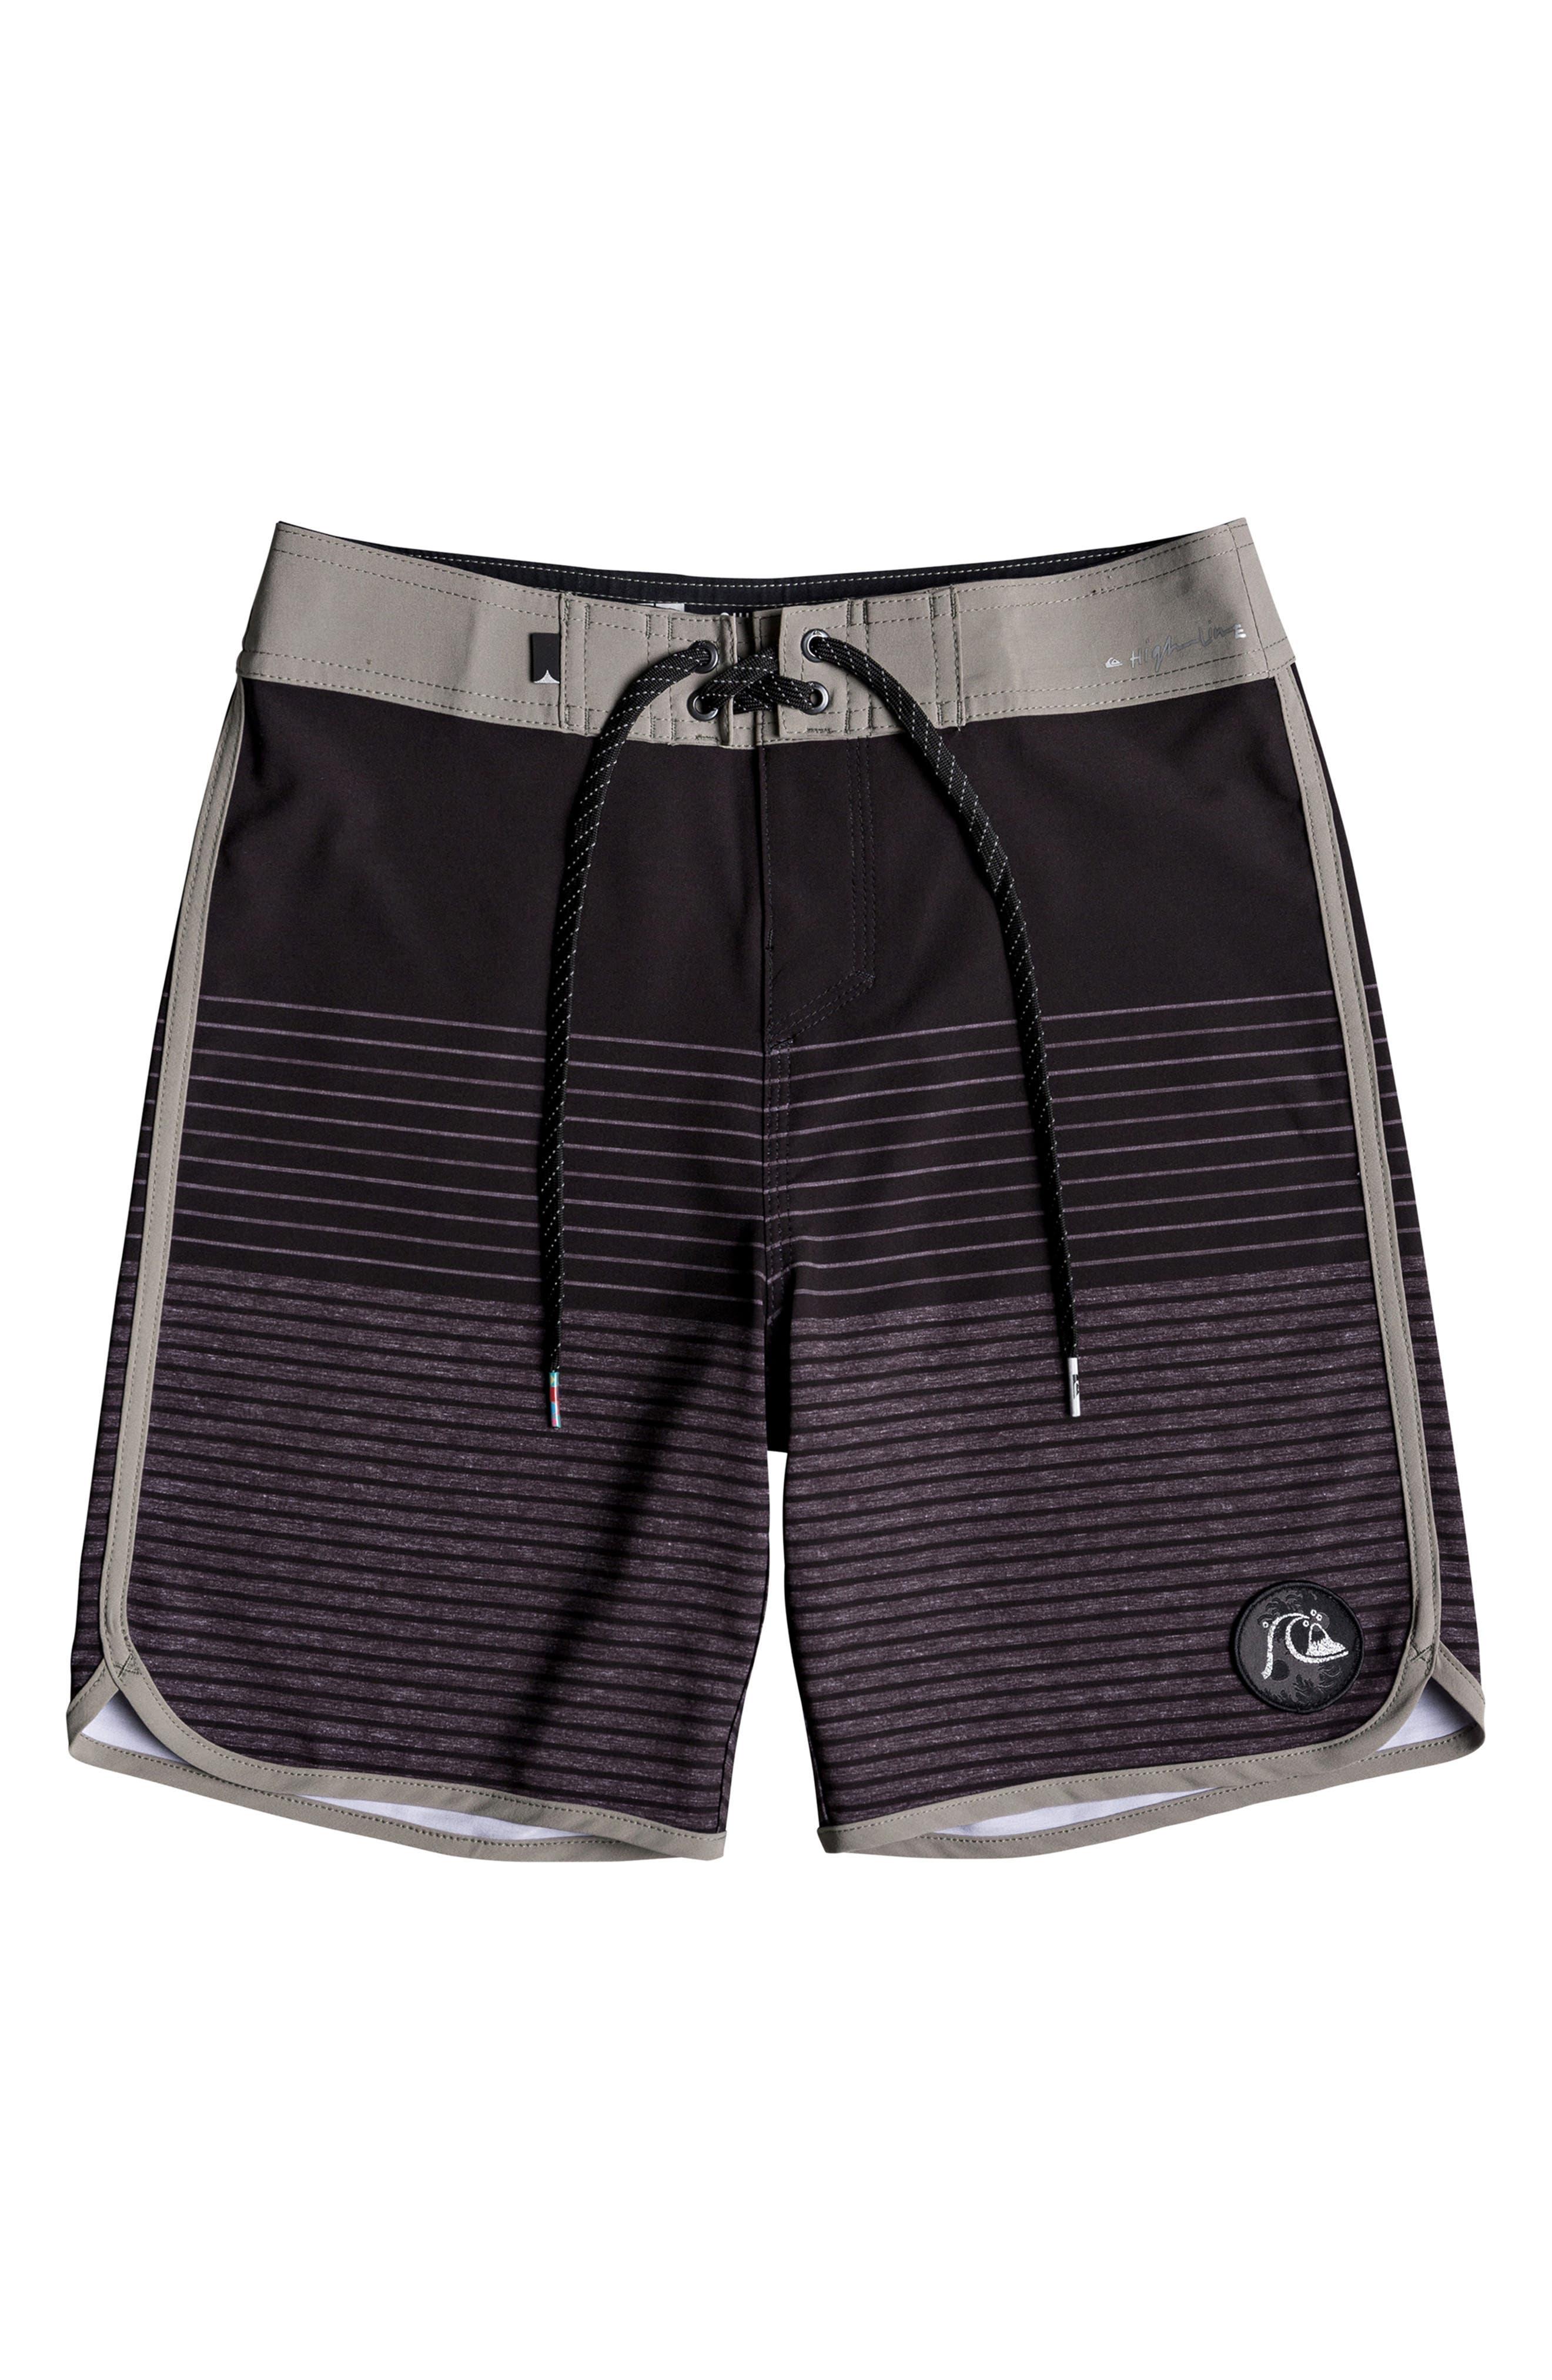 Tween Boys Board Shorts  Swim Trunks   Rashguards  b0034100836